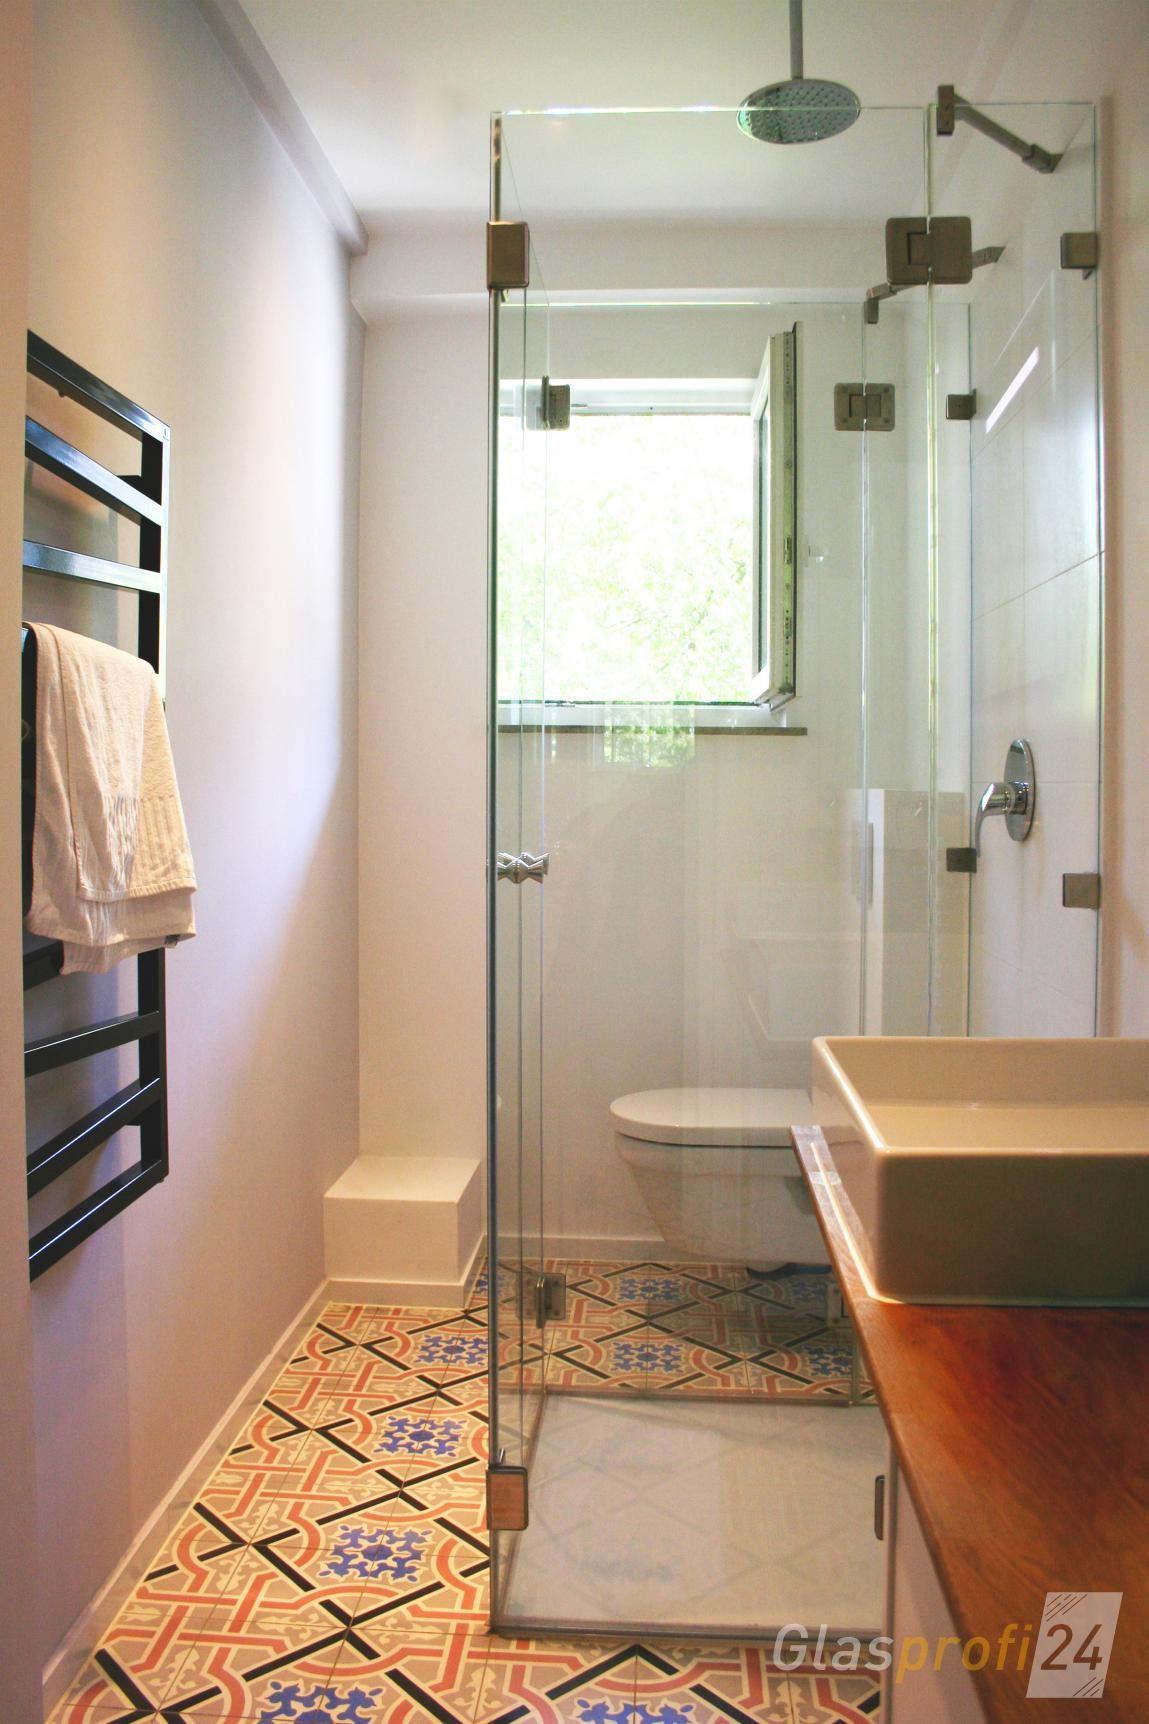 Eine Faltbare Dusche Aus Echtem Glas Ist Eine Sehr Platzsparende Dusche Im Badezimmer Jetzt Online Konfigurieren Und P Duschkabine U Form Duschkabine Dusche